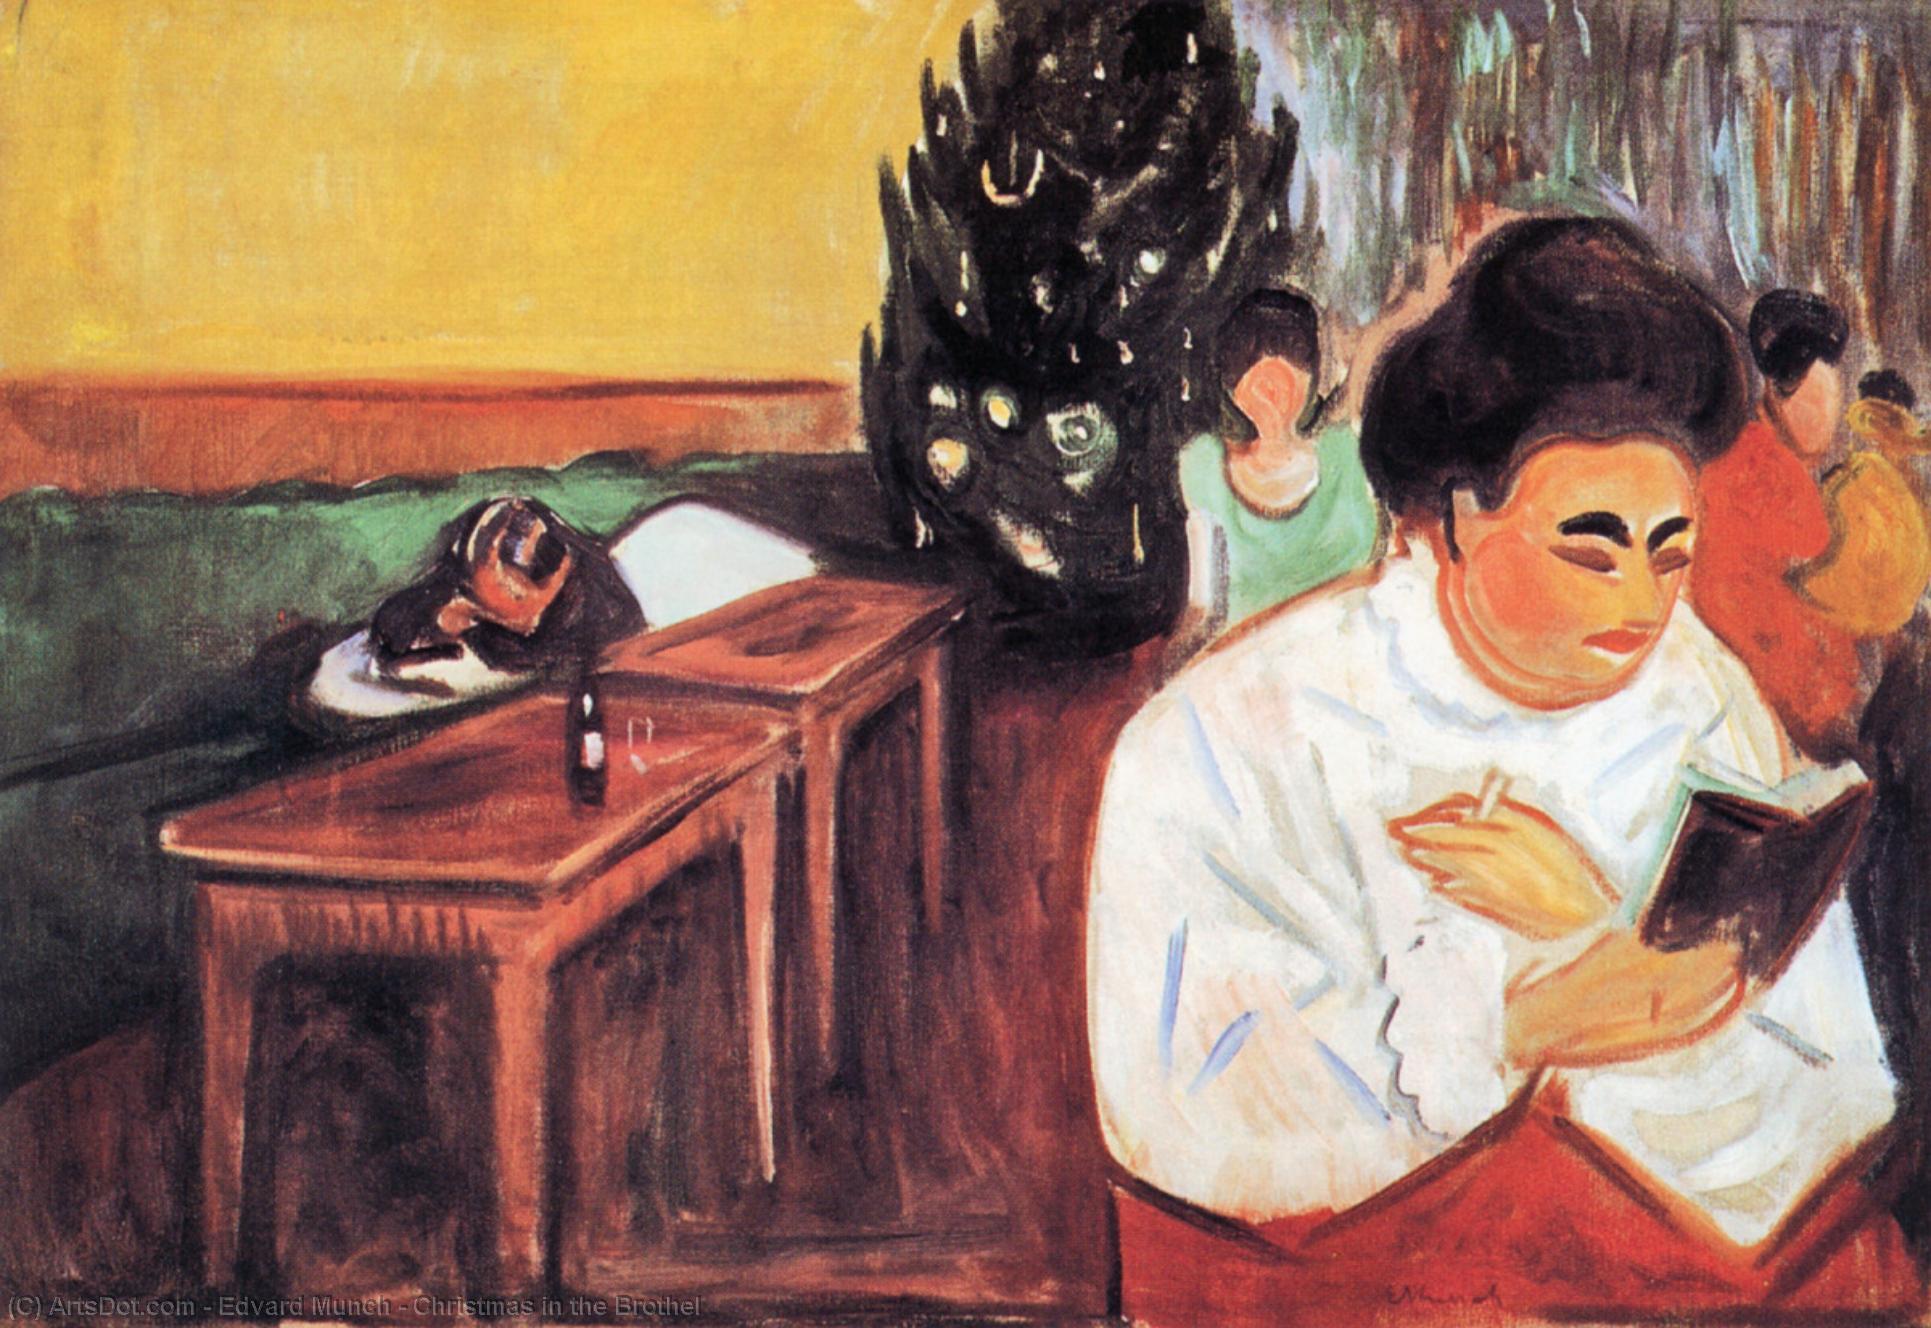 WikiOO.org - Εγκυκλοπαίδεια Καλών Τεχνών - Ζωγραφική, έργα τέχνης Edvard Munch - Christmas in the Brothel